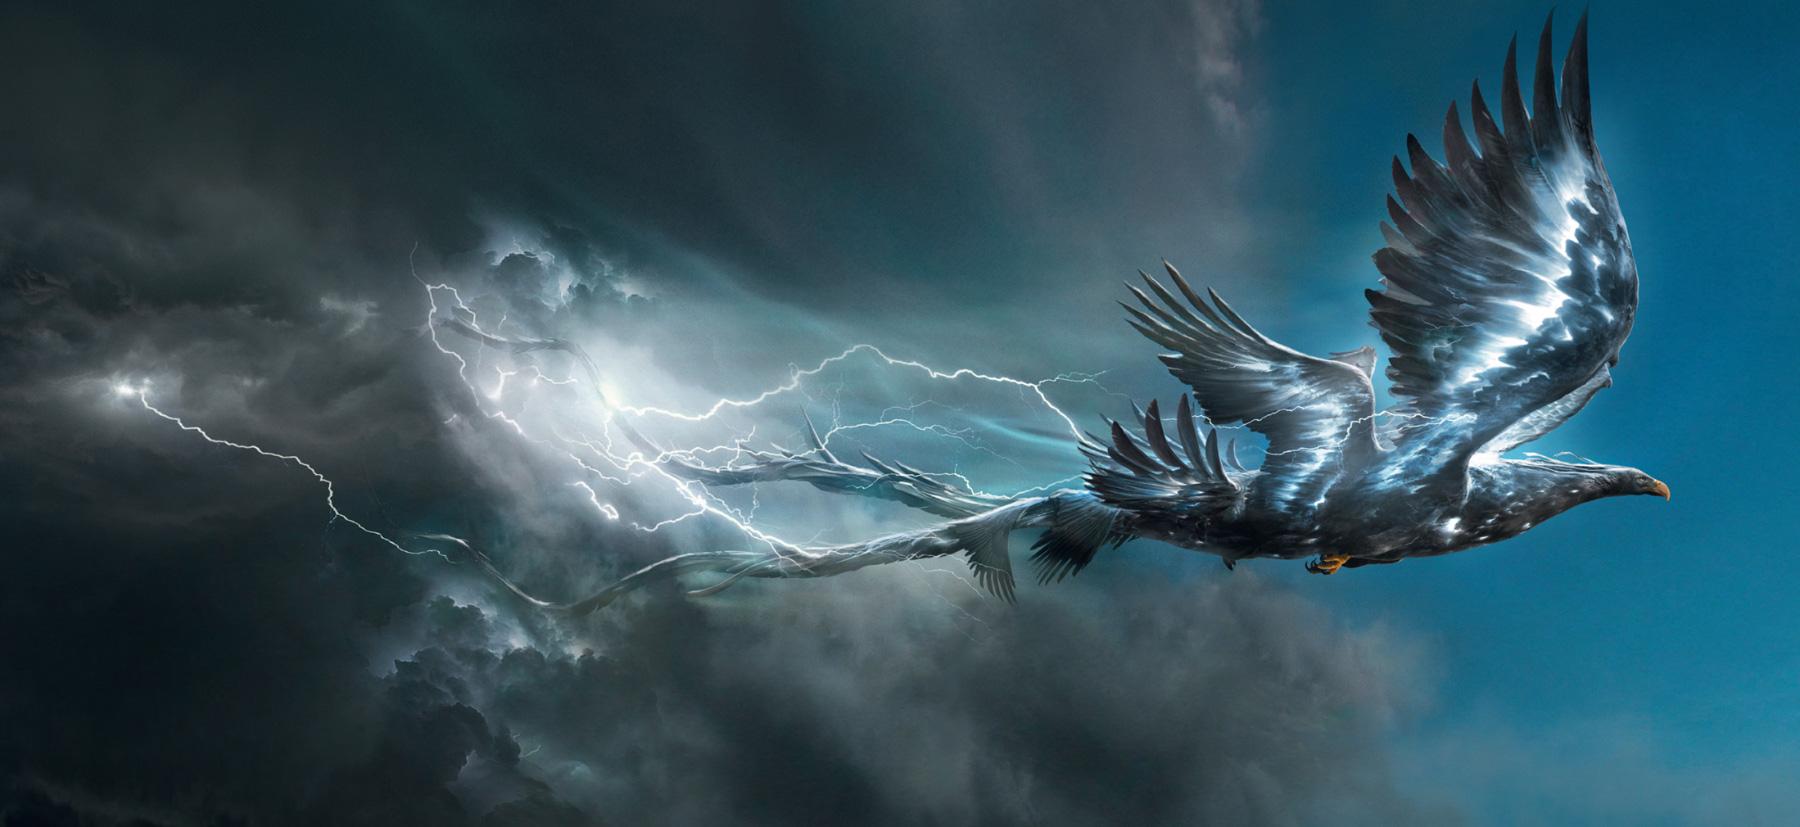 《神奇动物》曝光概念图 各种神兽帅炸了!